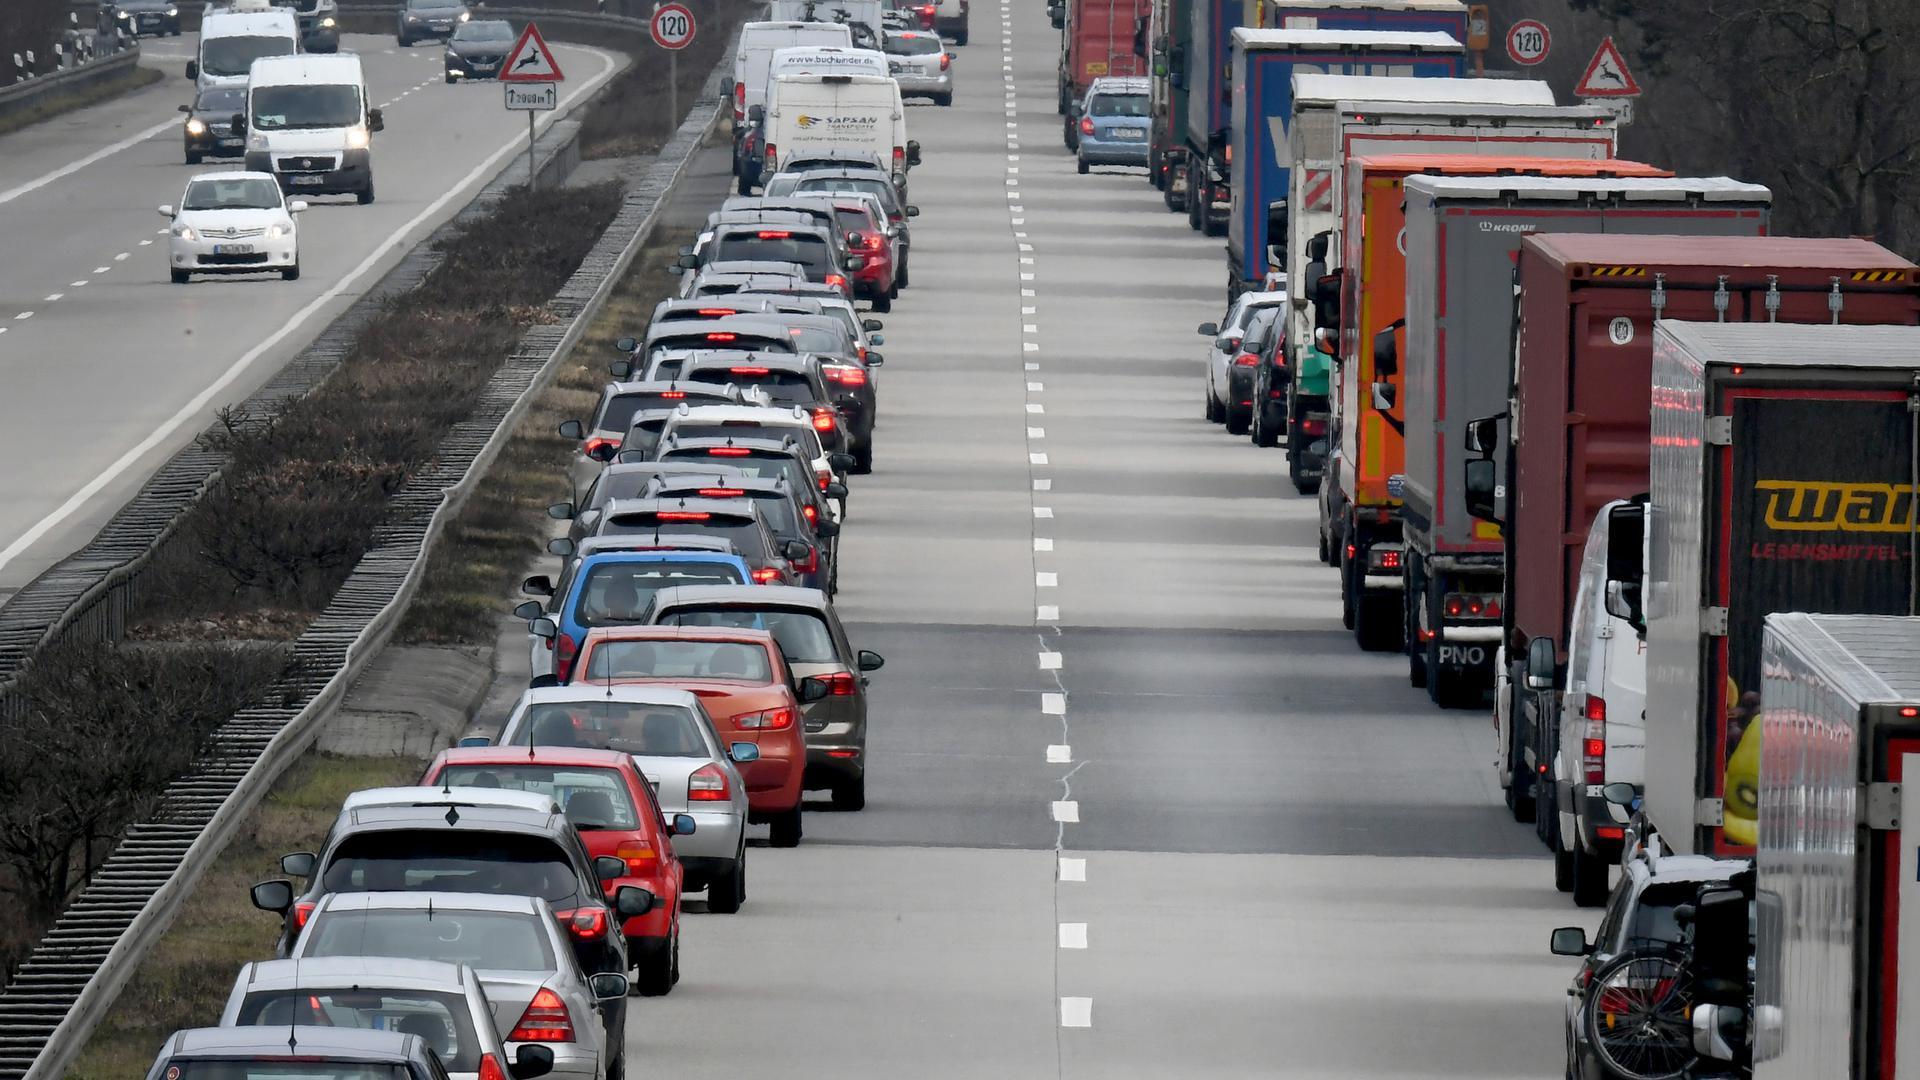 """Fahrer von PKWund LKW bilden auf der Autobahn eine Rettungsgasse. (Zu dpa """"Hohes Bußgeld für Verstöße gegen Rettungsgasse geplant"""") +++ dpa-Bildfunk +++"""